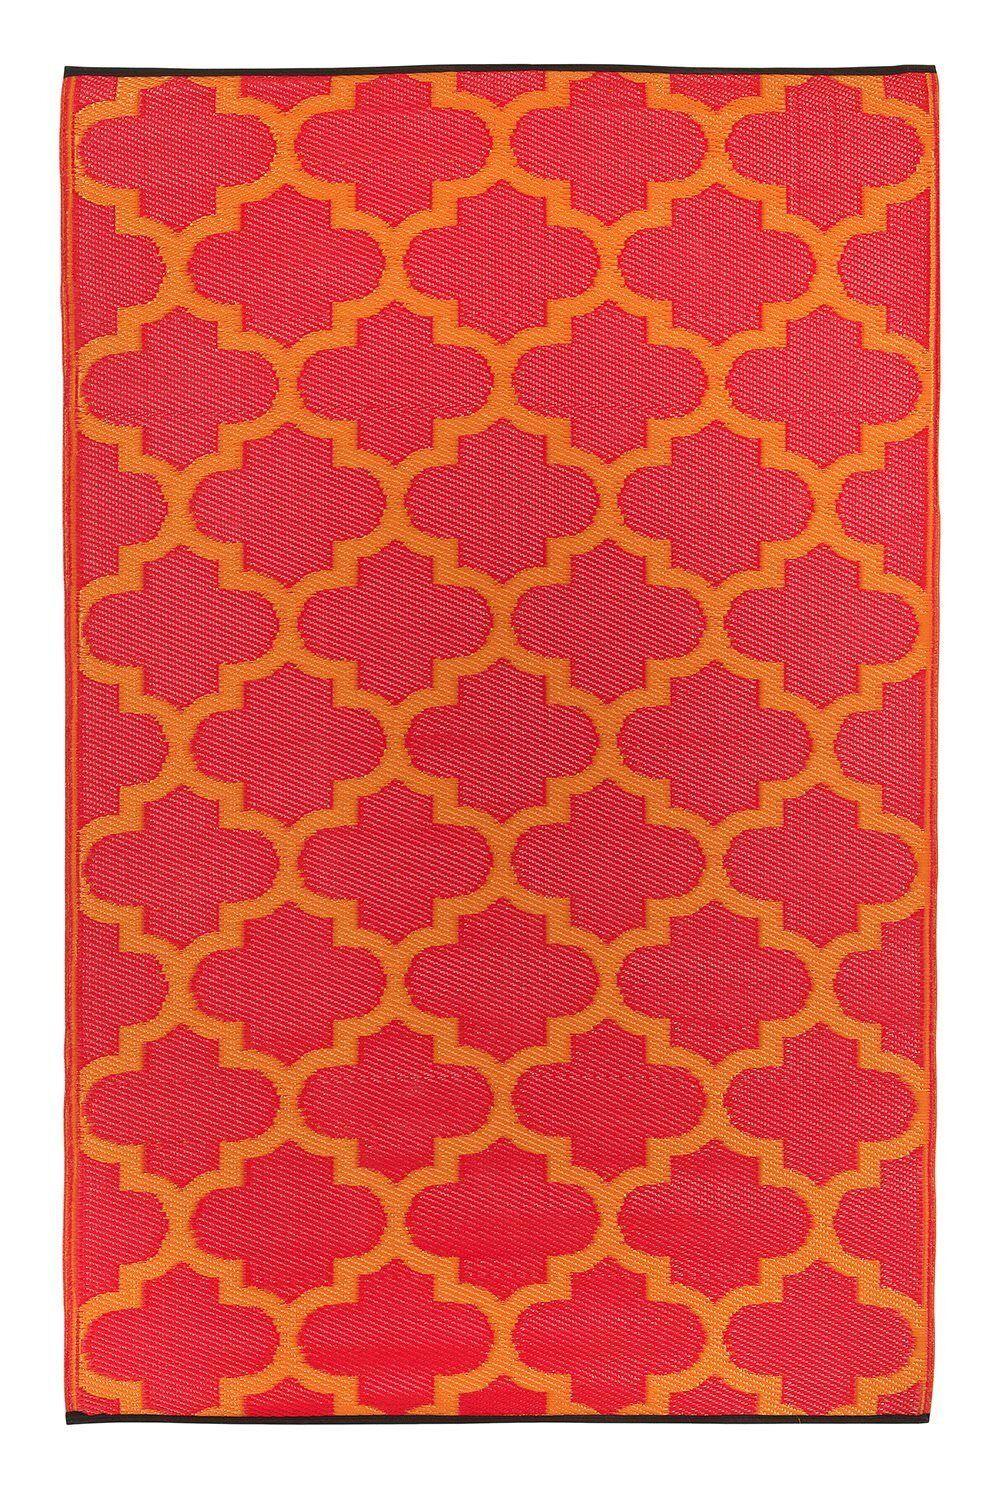 TAPPETO Outdoor, per esterno + interno, cucina giardino d'inverno balcone Tangeri Arancione Rosso